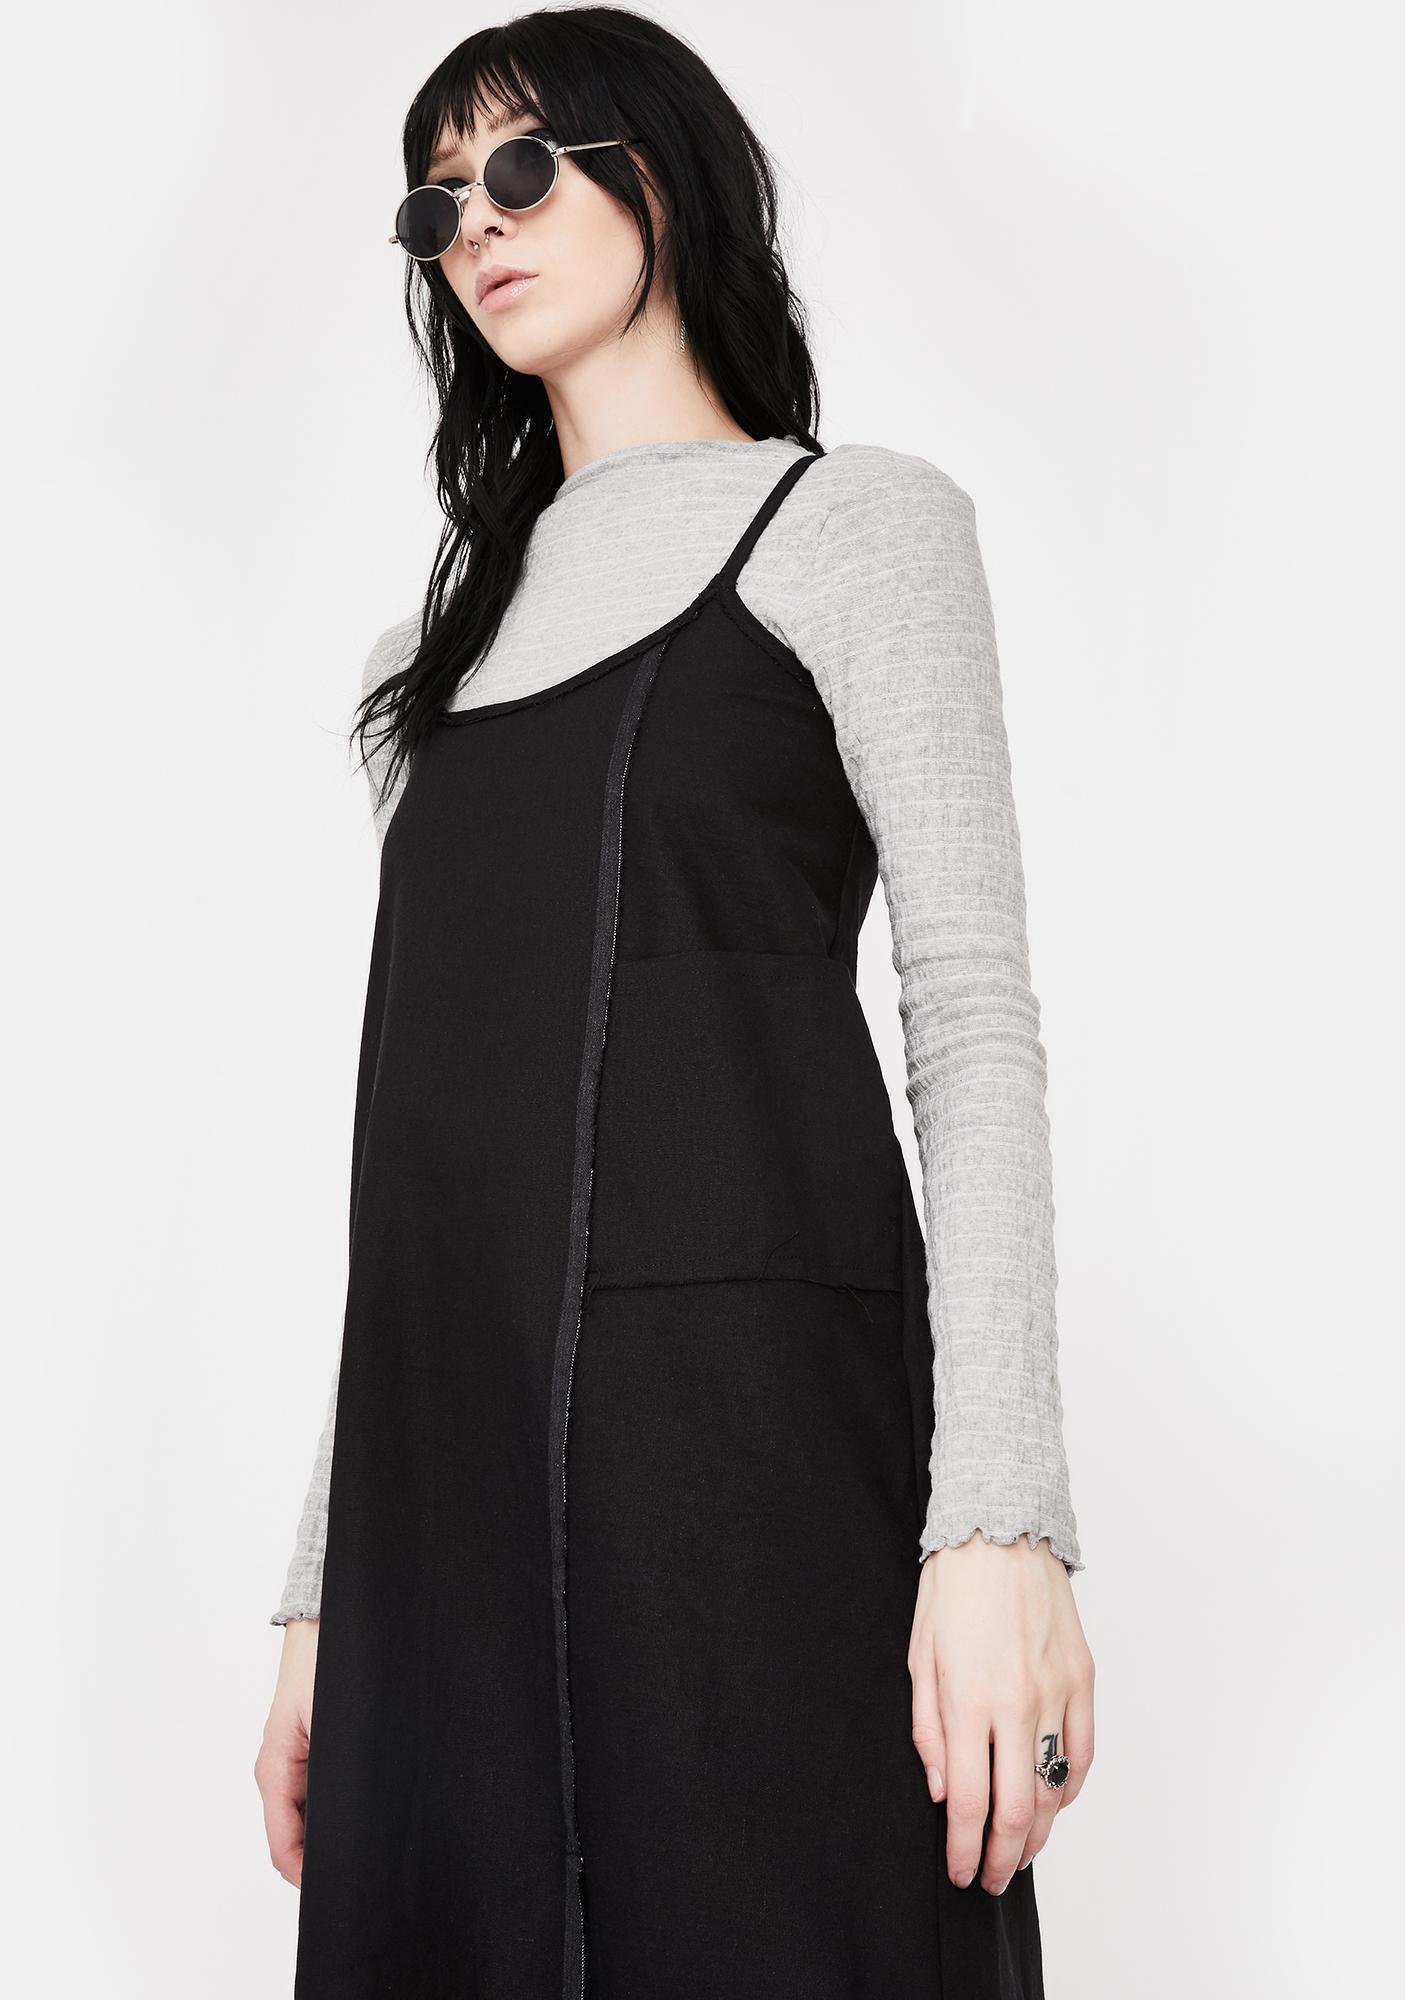 NOCTEX Grey Ripl Long Sleeve Top